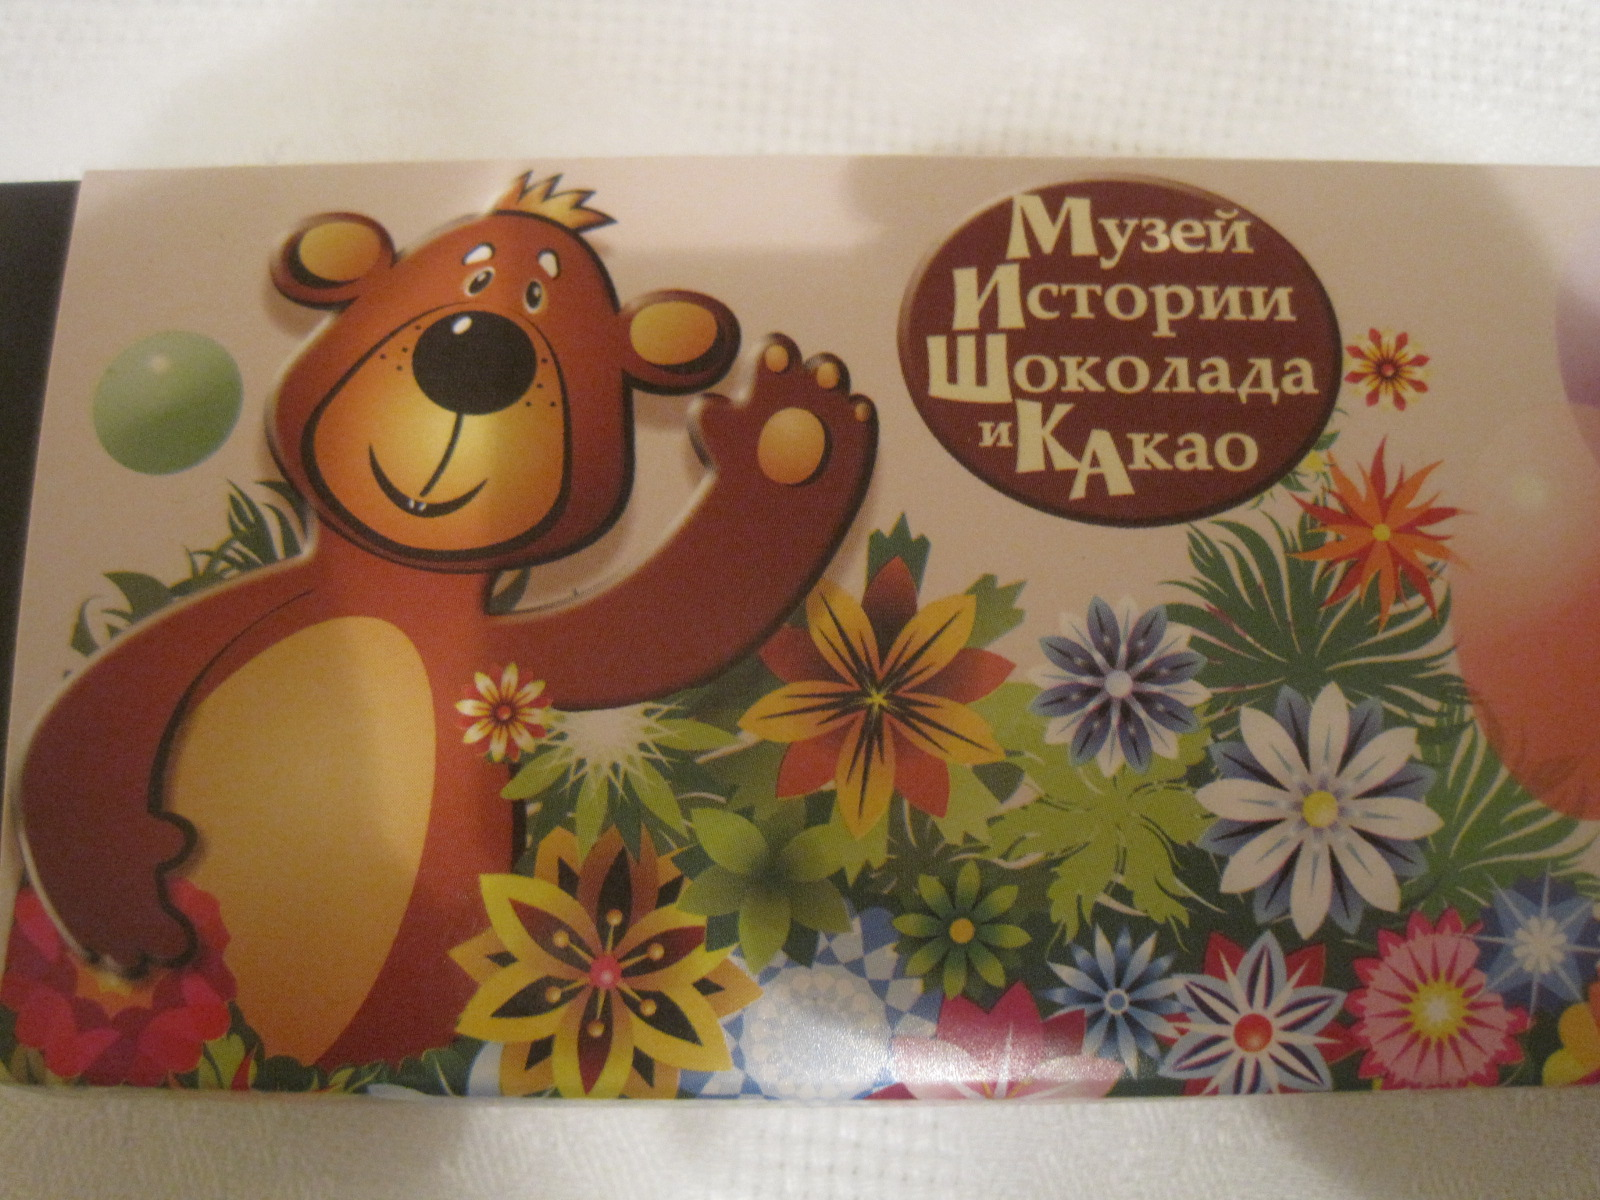 Знакомств шоколад истории